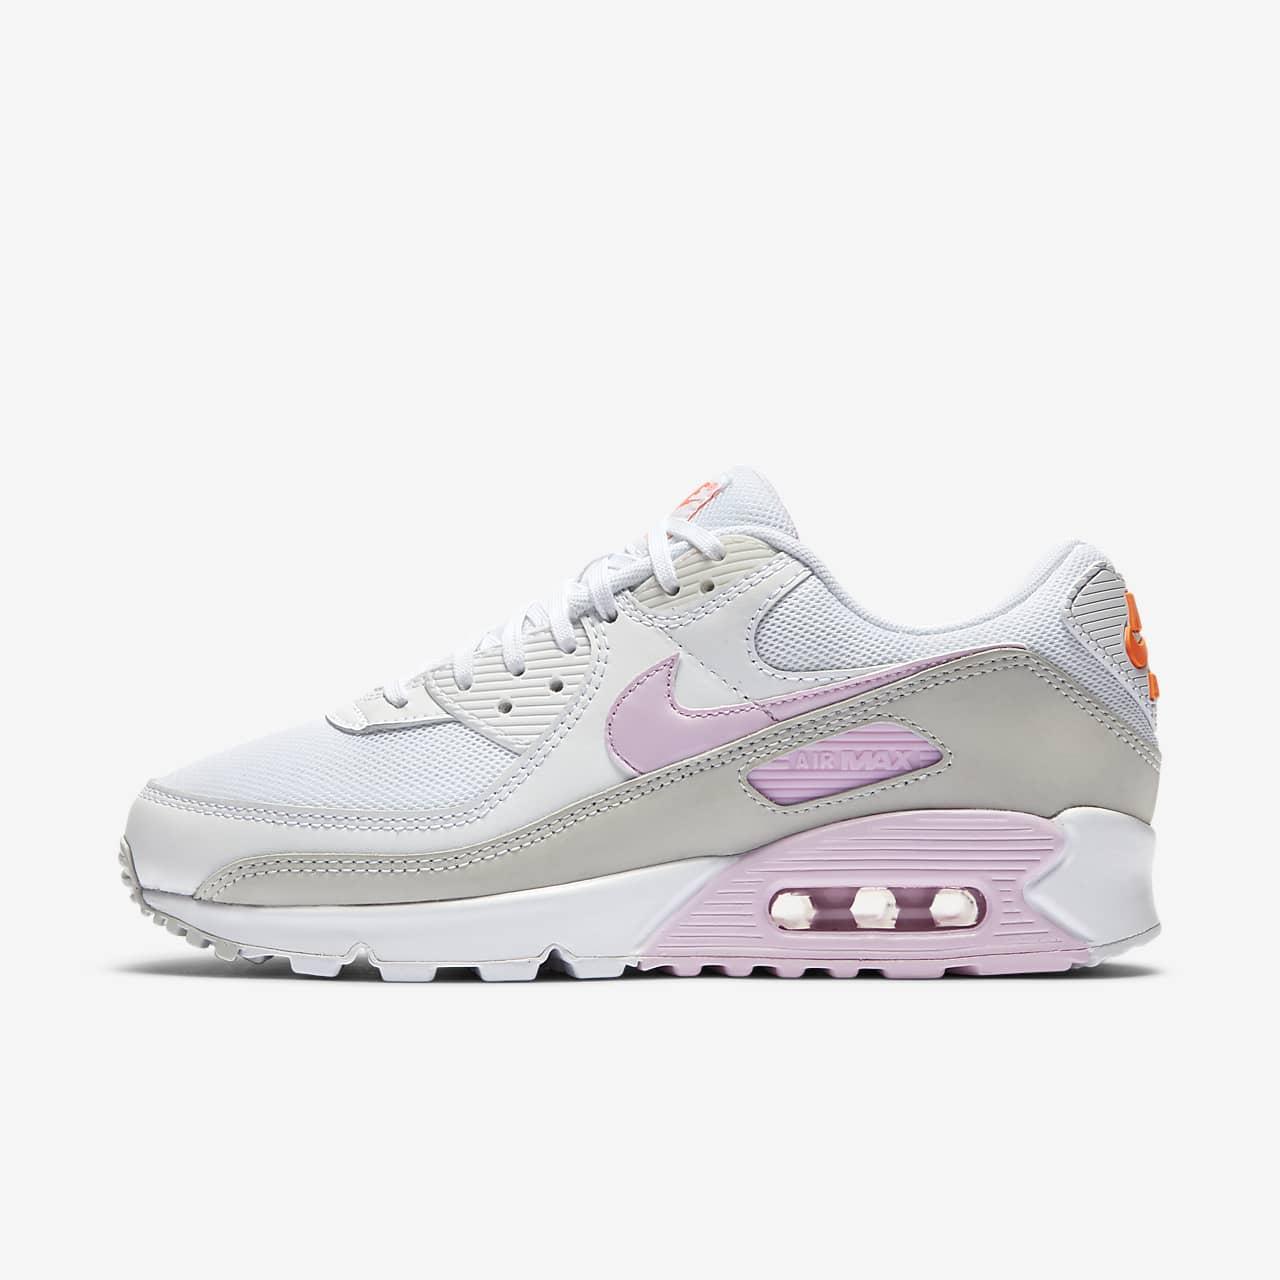 nike air 90 max mujer zapatillas